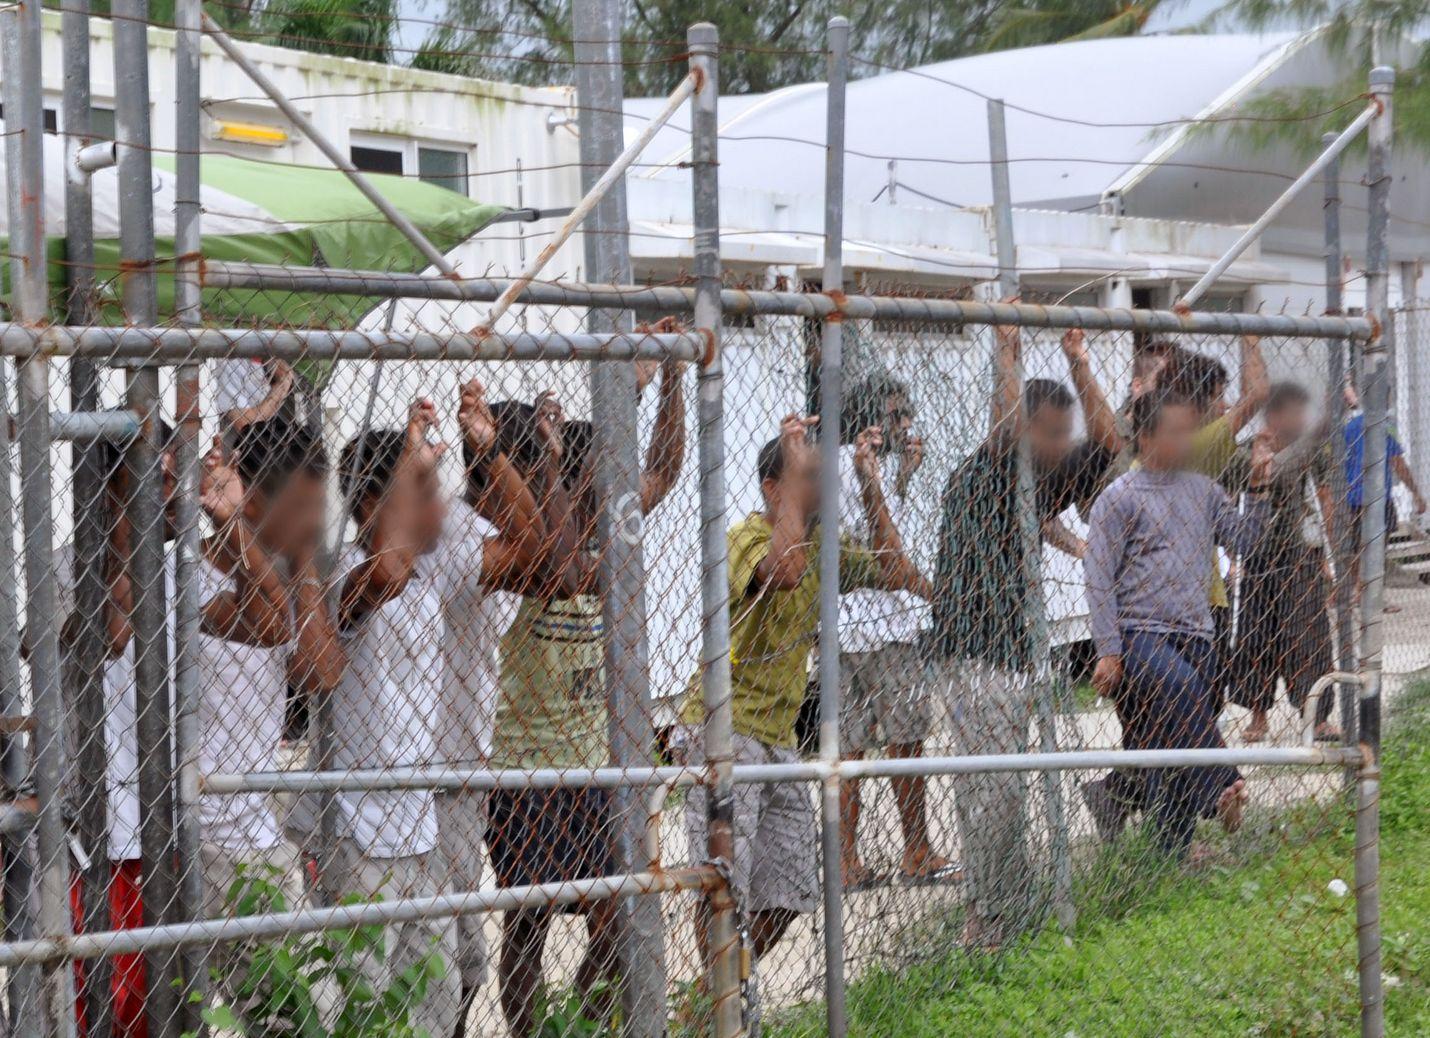 Turvapaikanhakijat katselivat tiedotusvälineiden edustajia Australian vastaanottokeskuksen aidan takaa Manusin saarella Papua-Uudessa-Guineassa vuonna 2014.